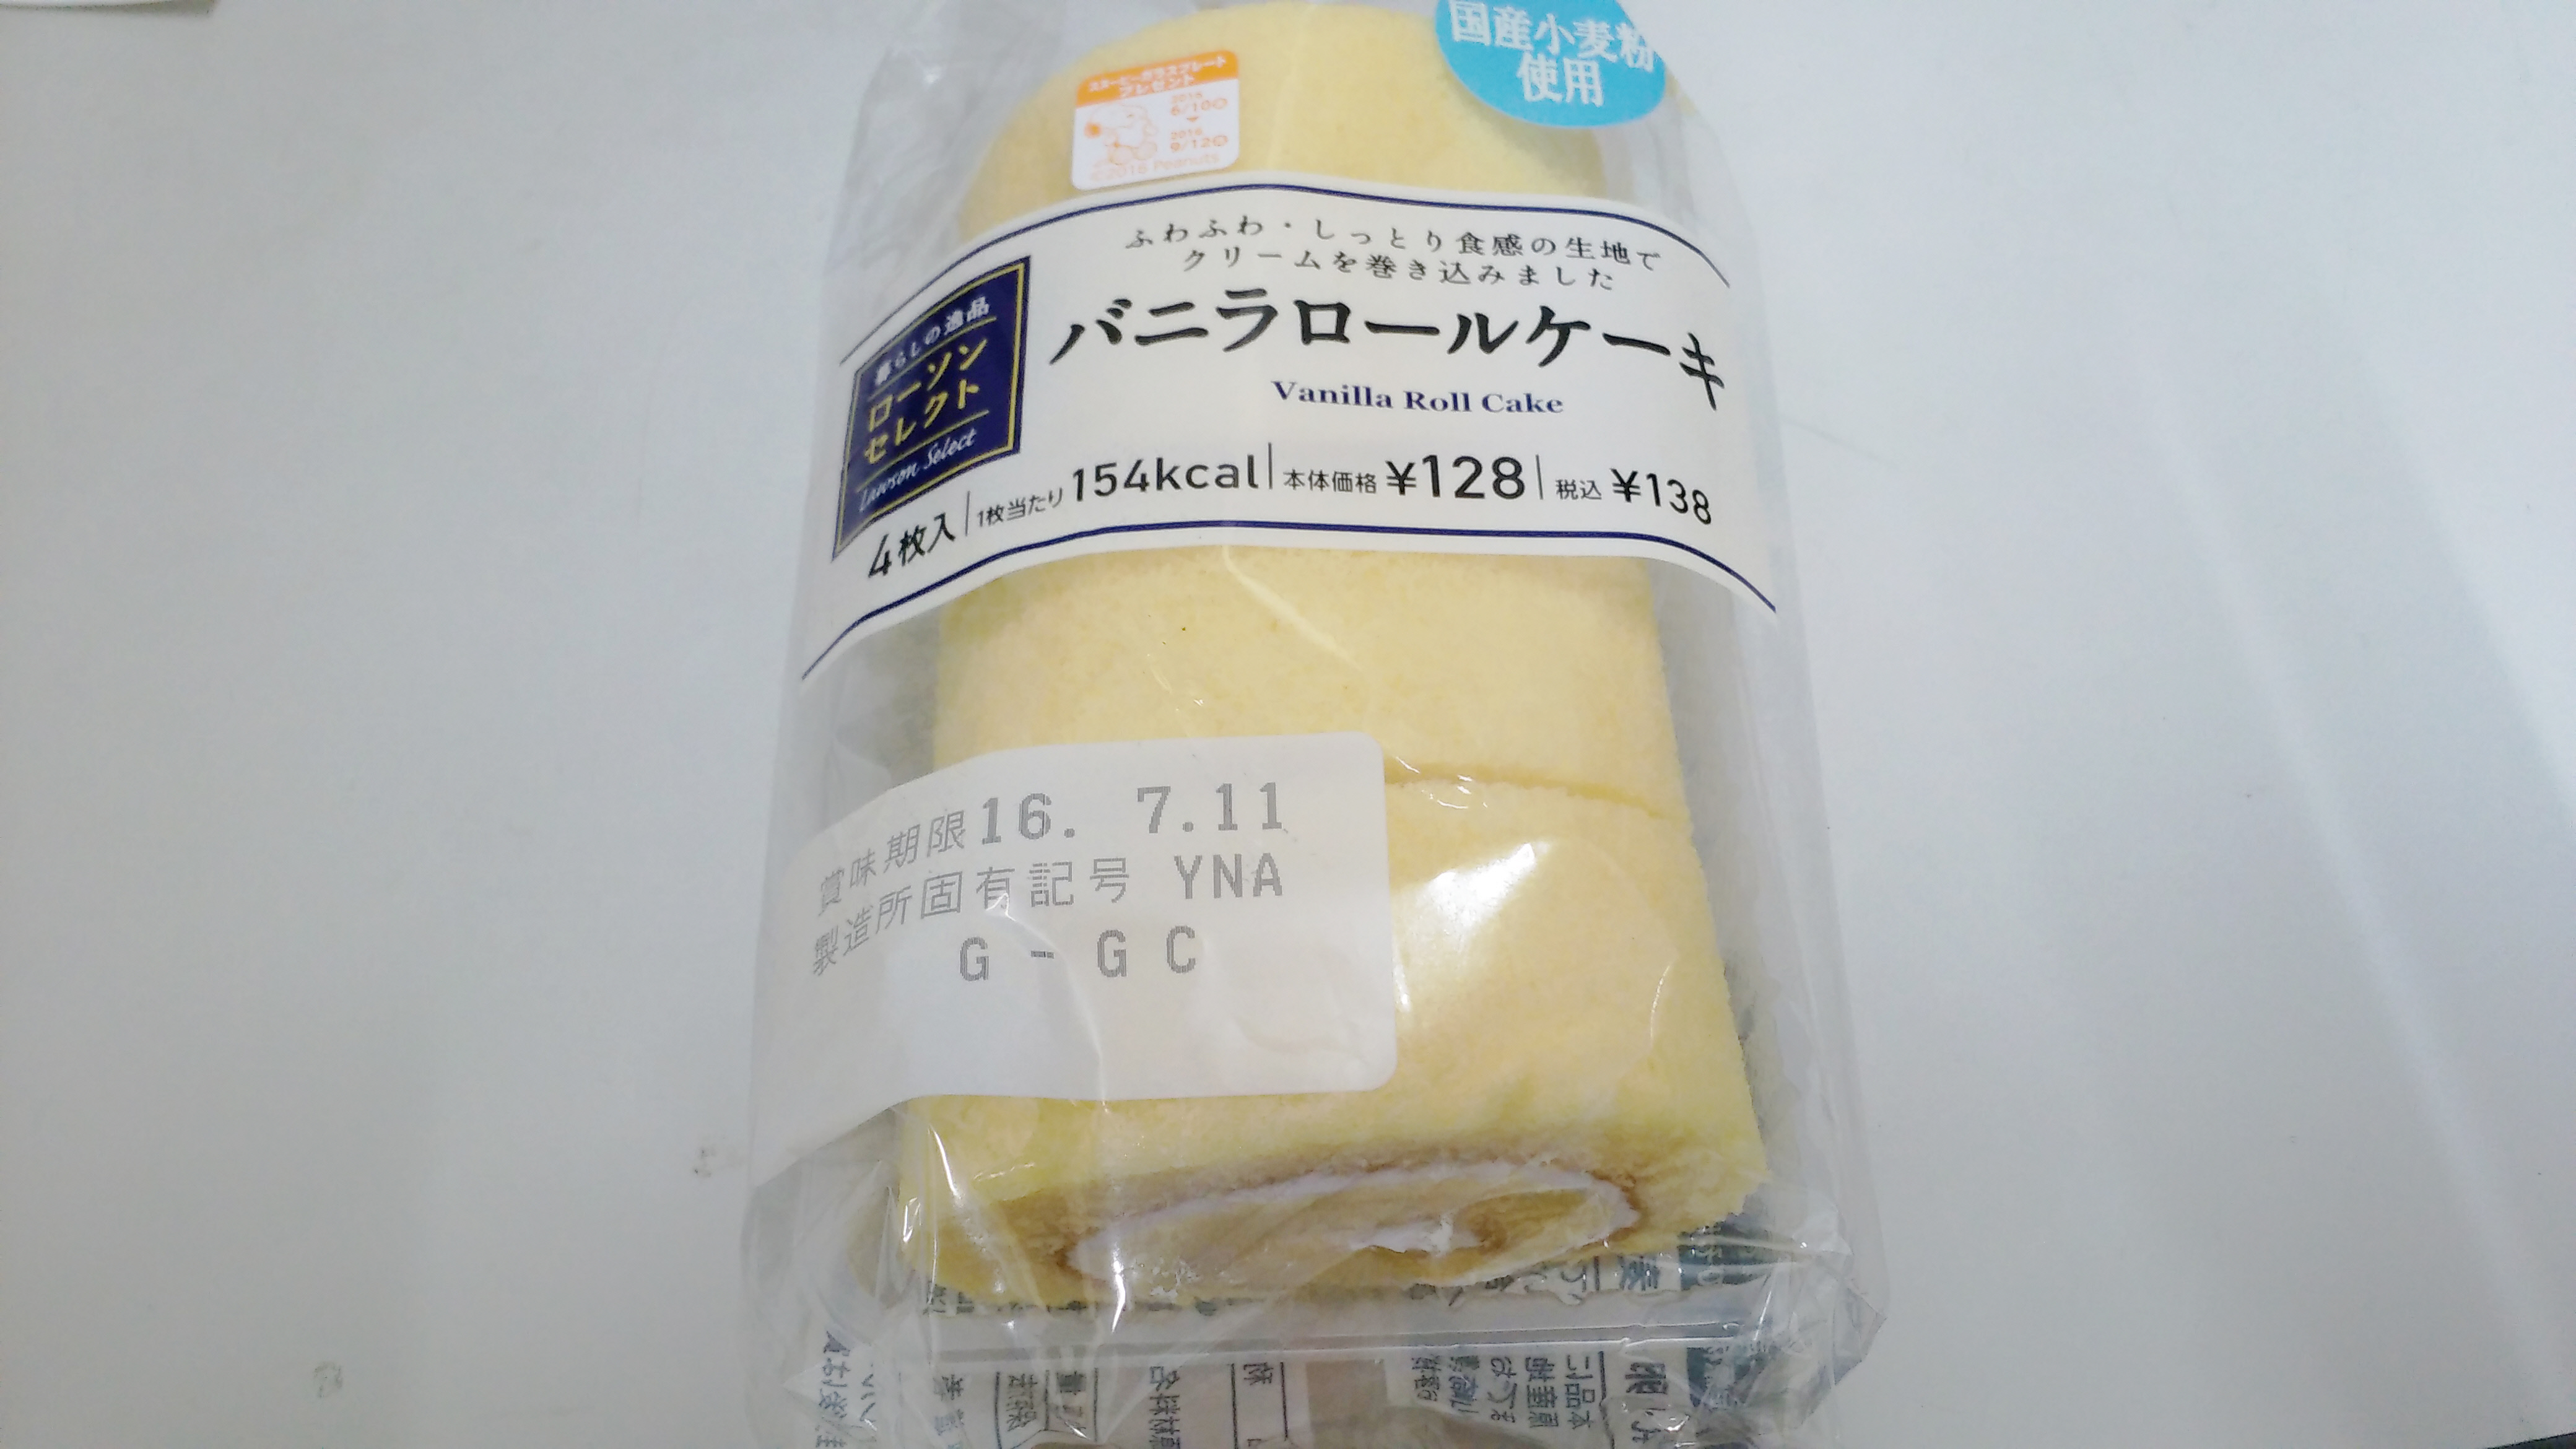 [로손/빵] 바닐라 롤 케잌 (バニラロールケーキ)